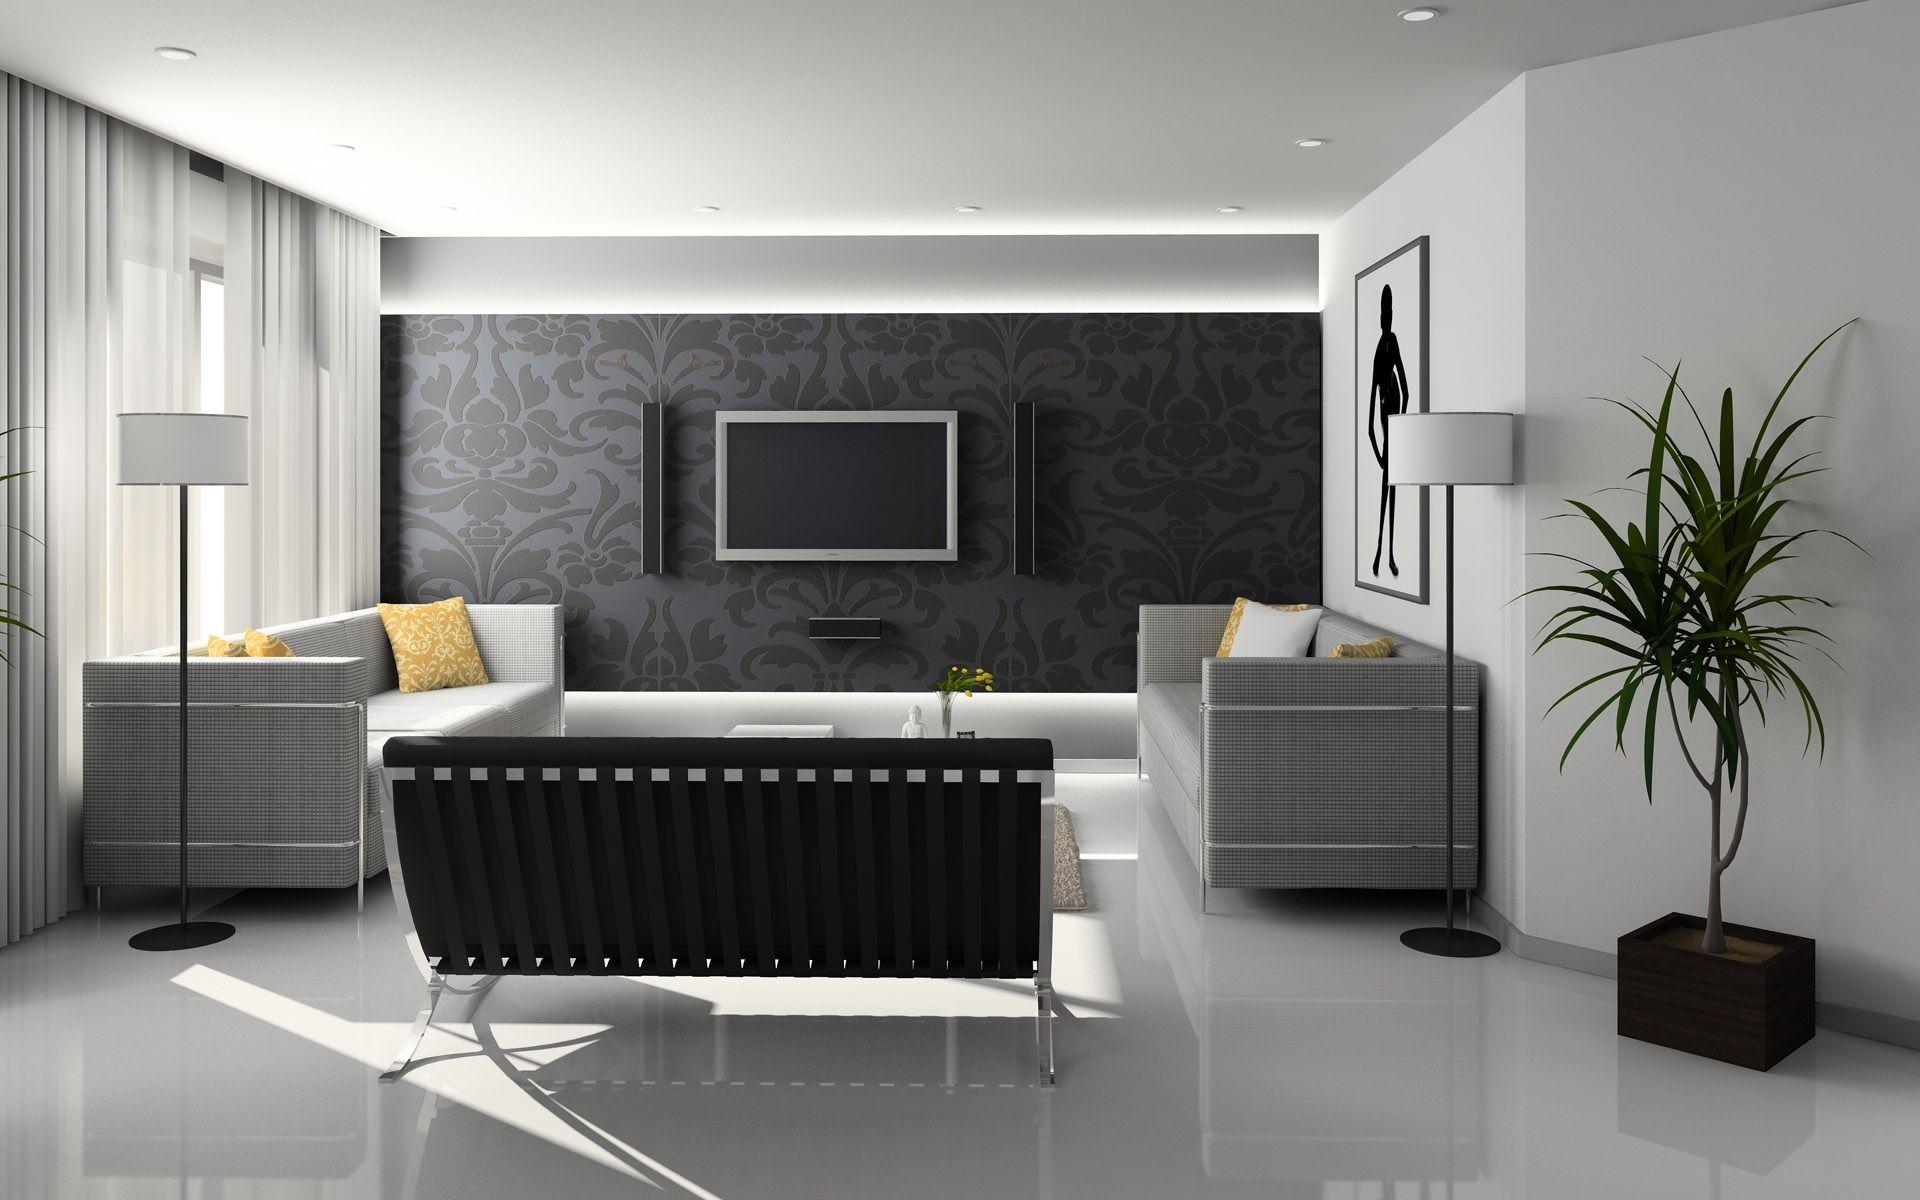 Czy Zastanawiales Sie Kiedys Czy Wziecie Kredytu To Dobry Pomysl Dlug Moze Byc Dobry I Zly W Best Home Interior Design Modern Interior Design House Interior Home living room background